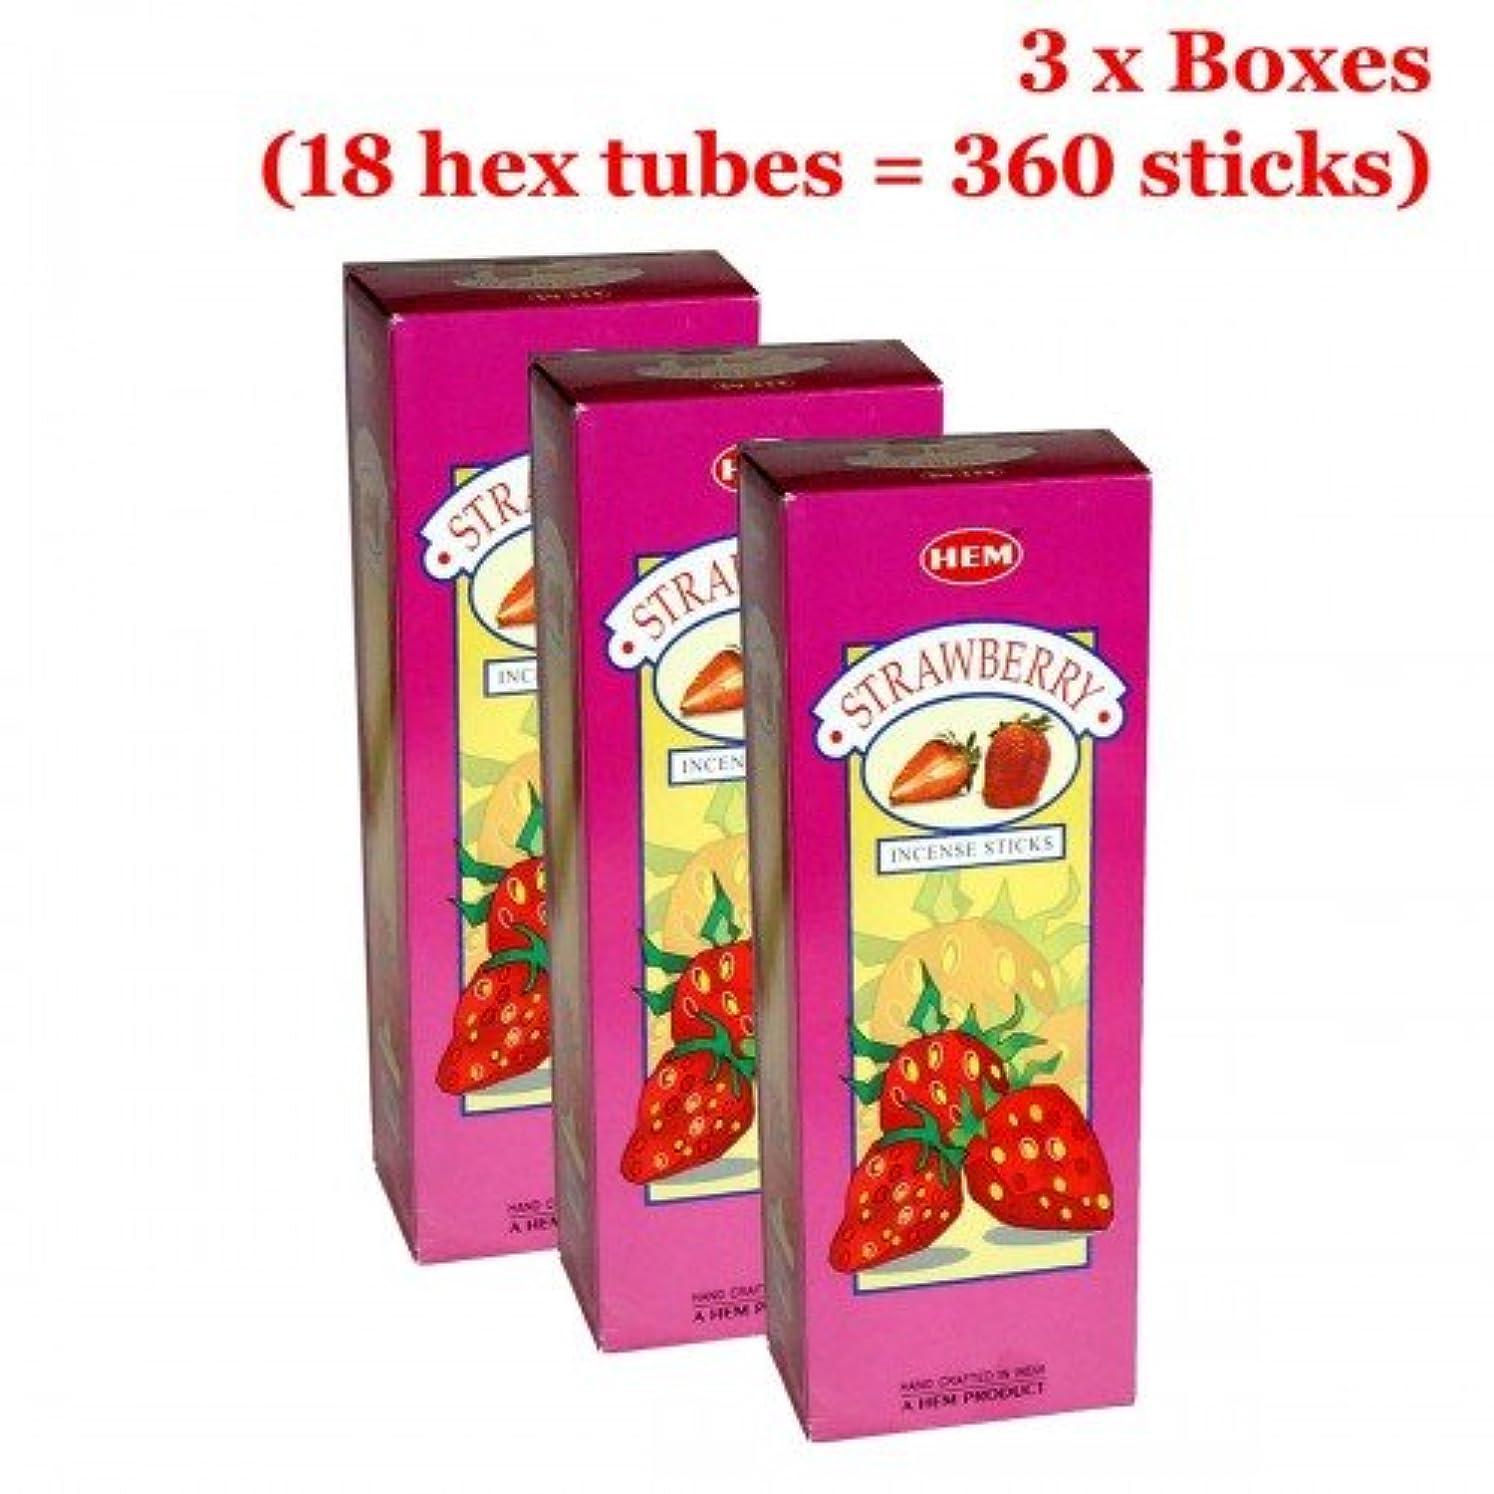 不均一対象売り手Hemストロベリー香、3ボックス – (360 Sticksバルクper order)